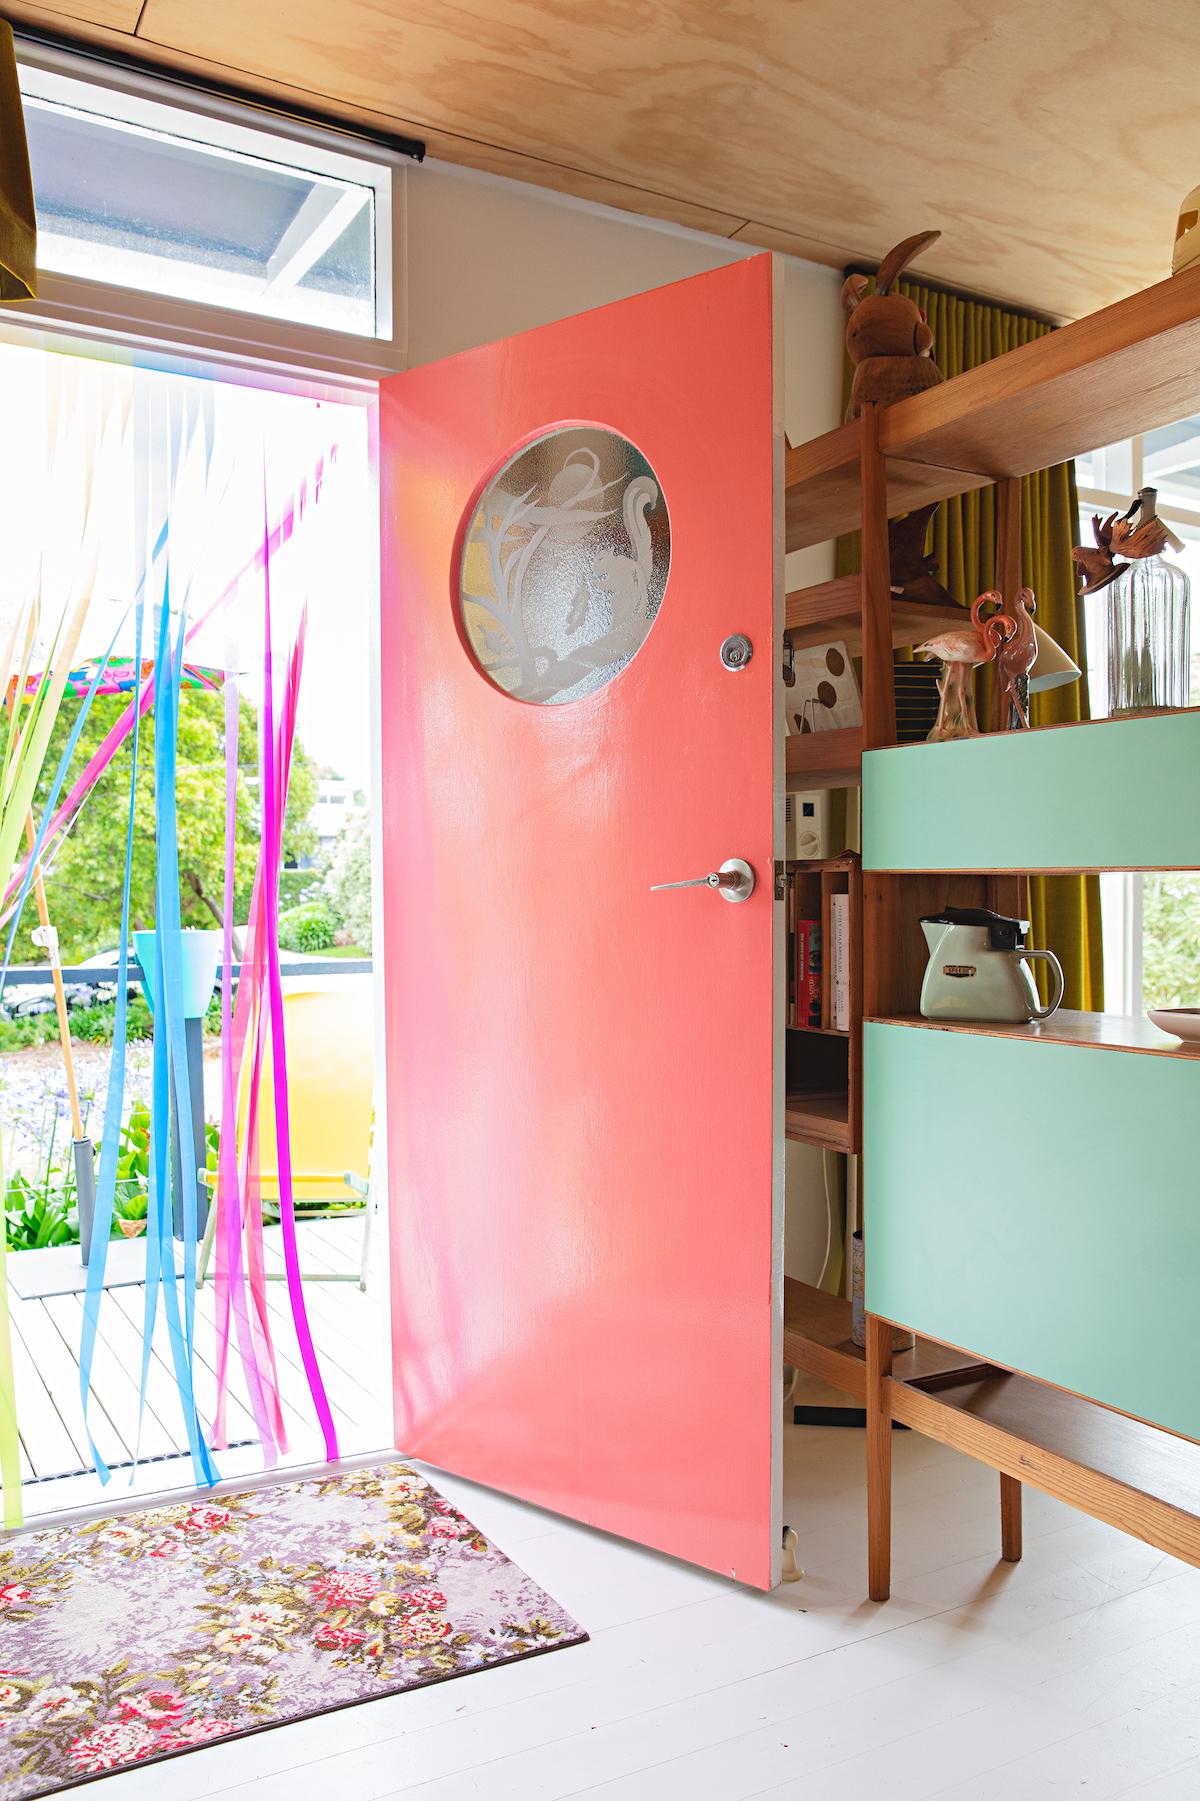 maison rétro australie entrée porte rose corail guirlande rubans - blog déco - clem around the corner